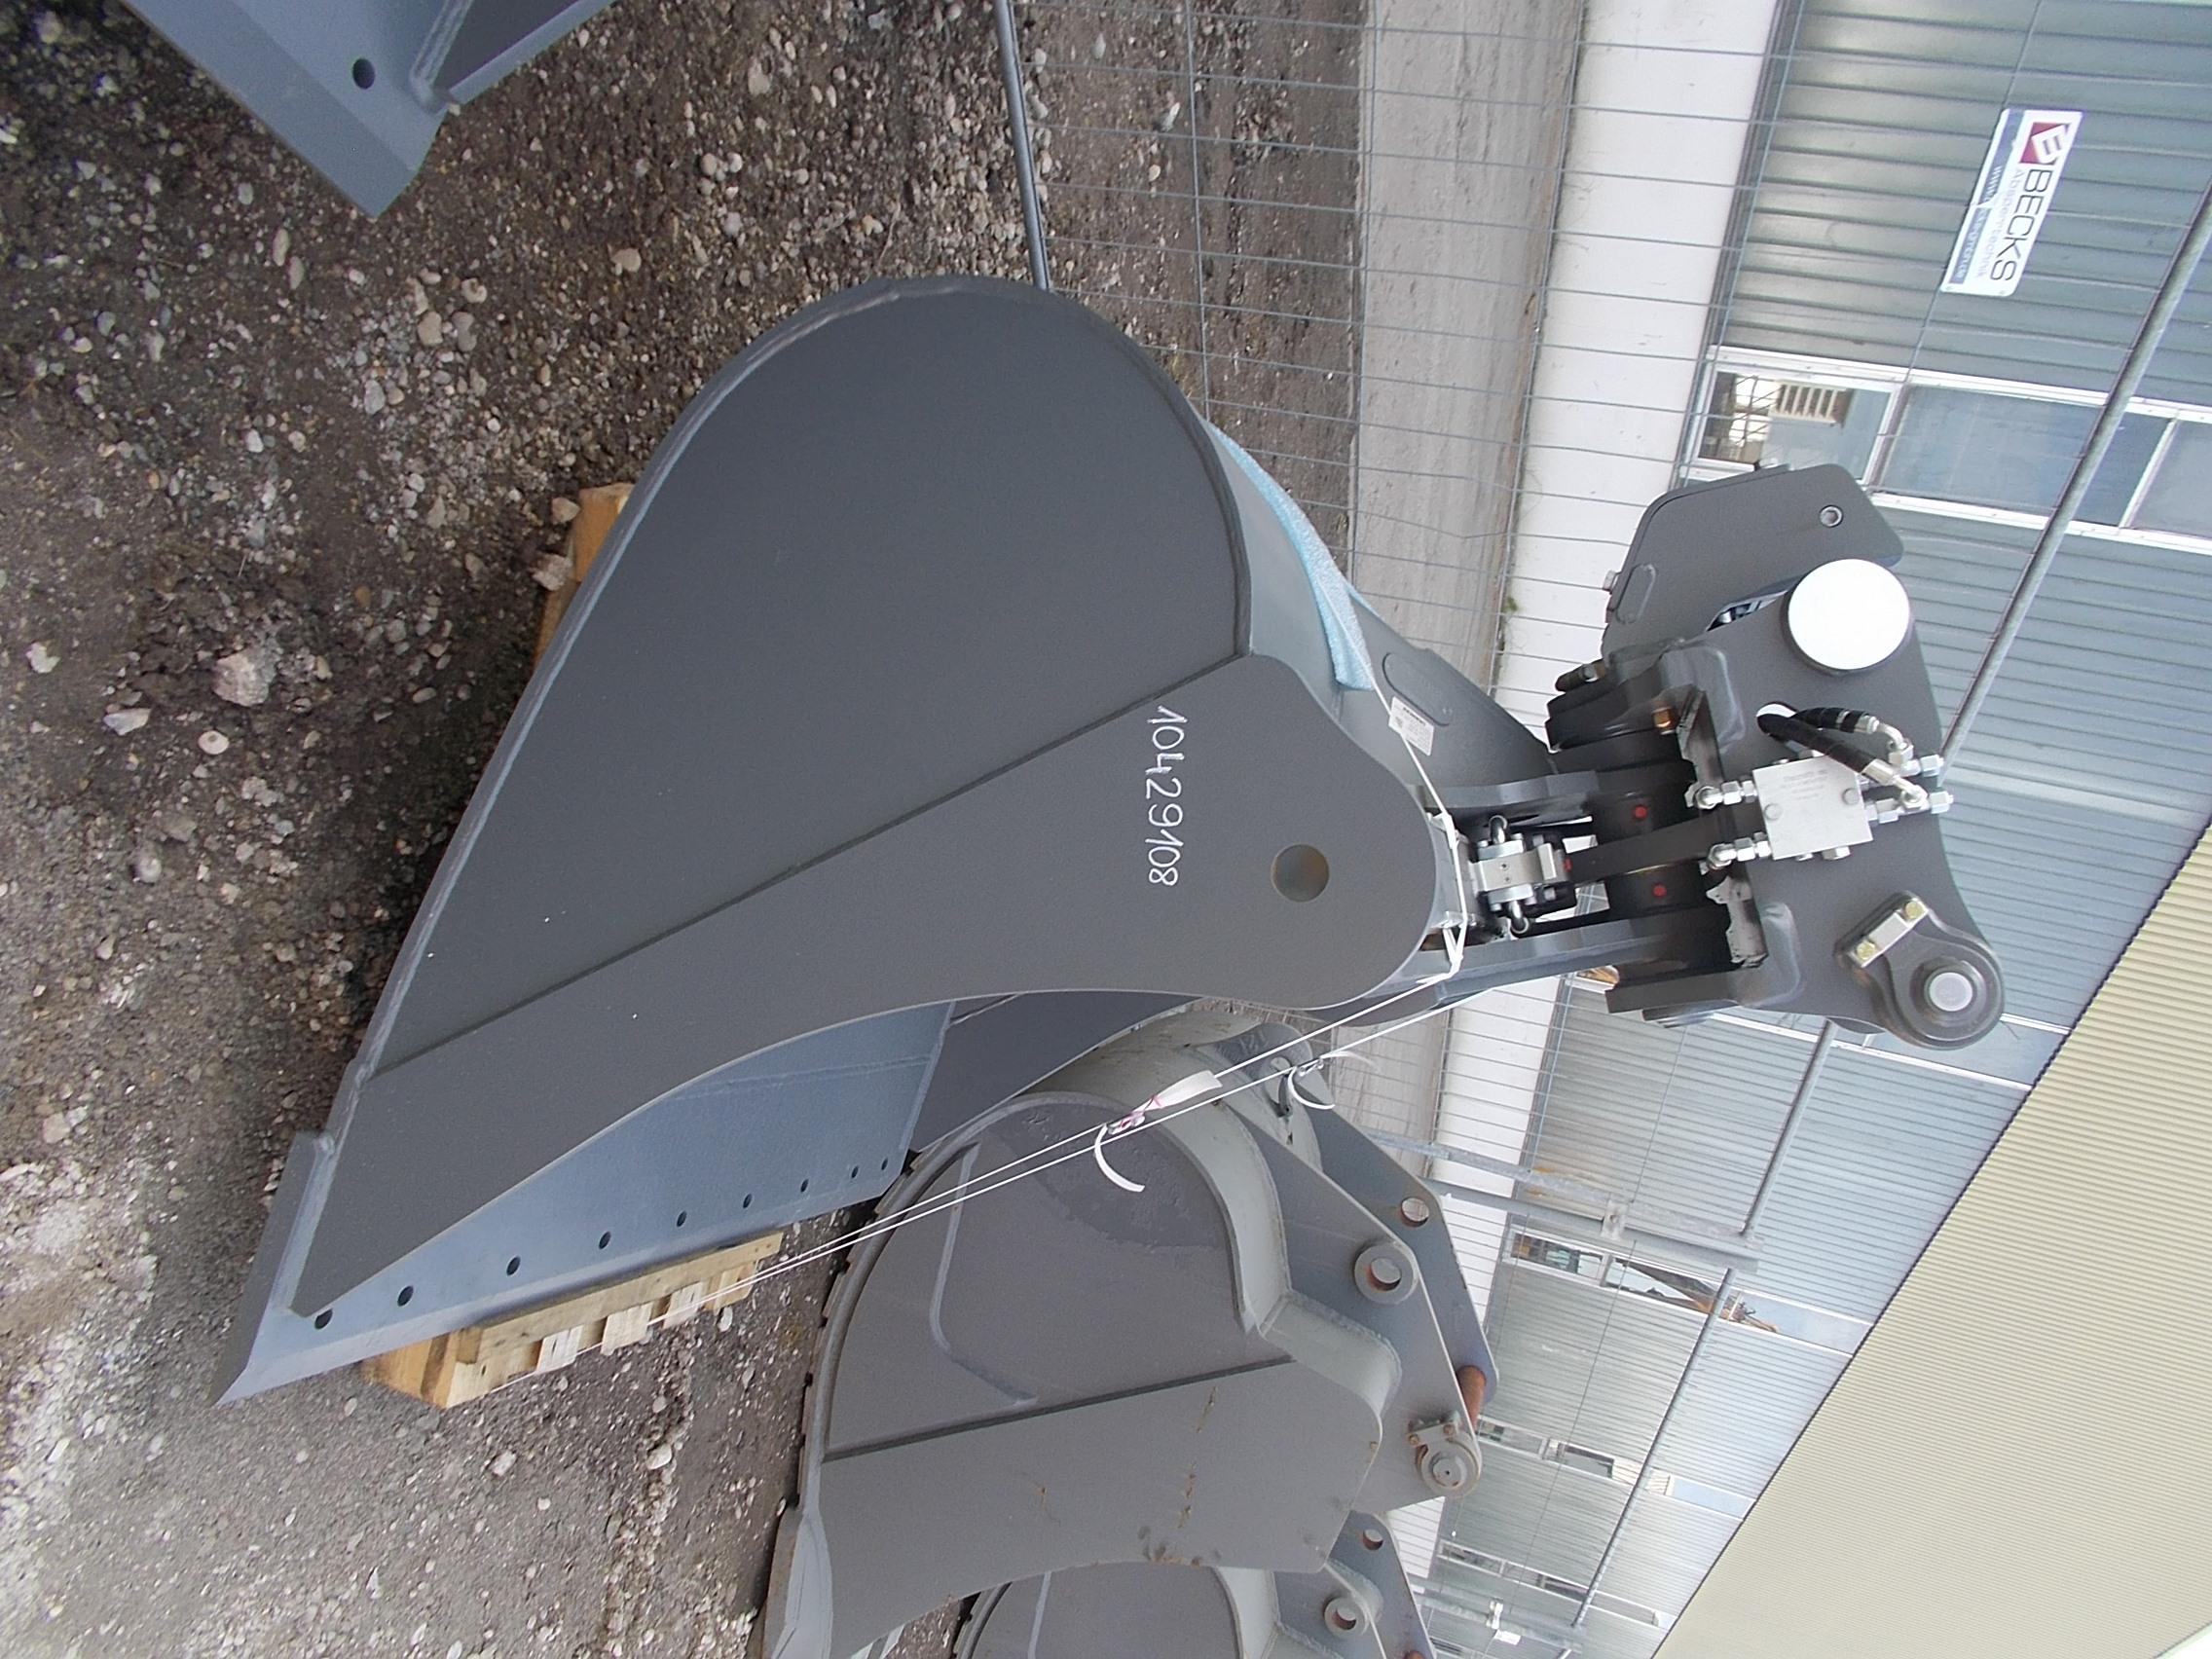 DSCN8488.JPG